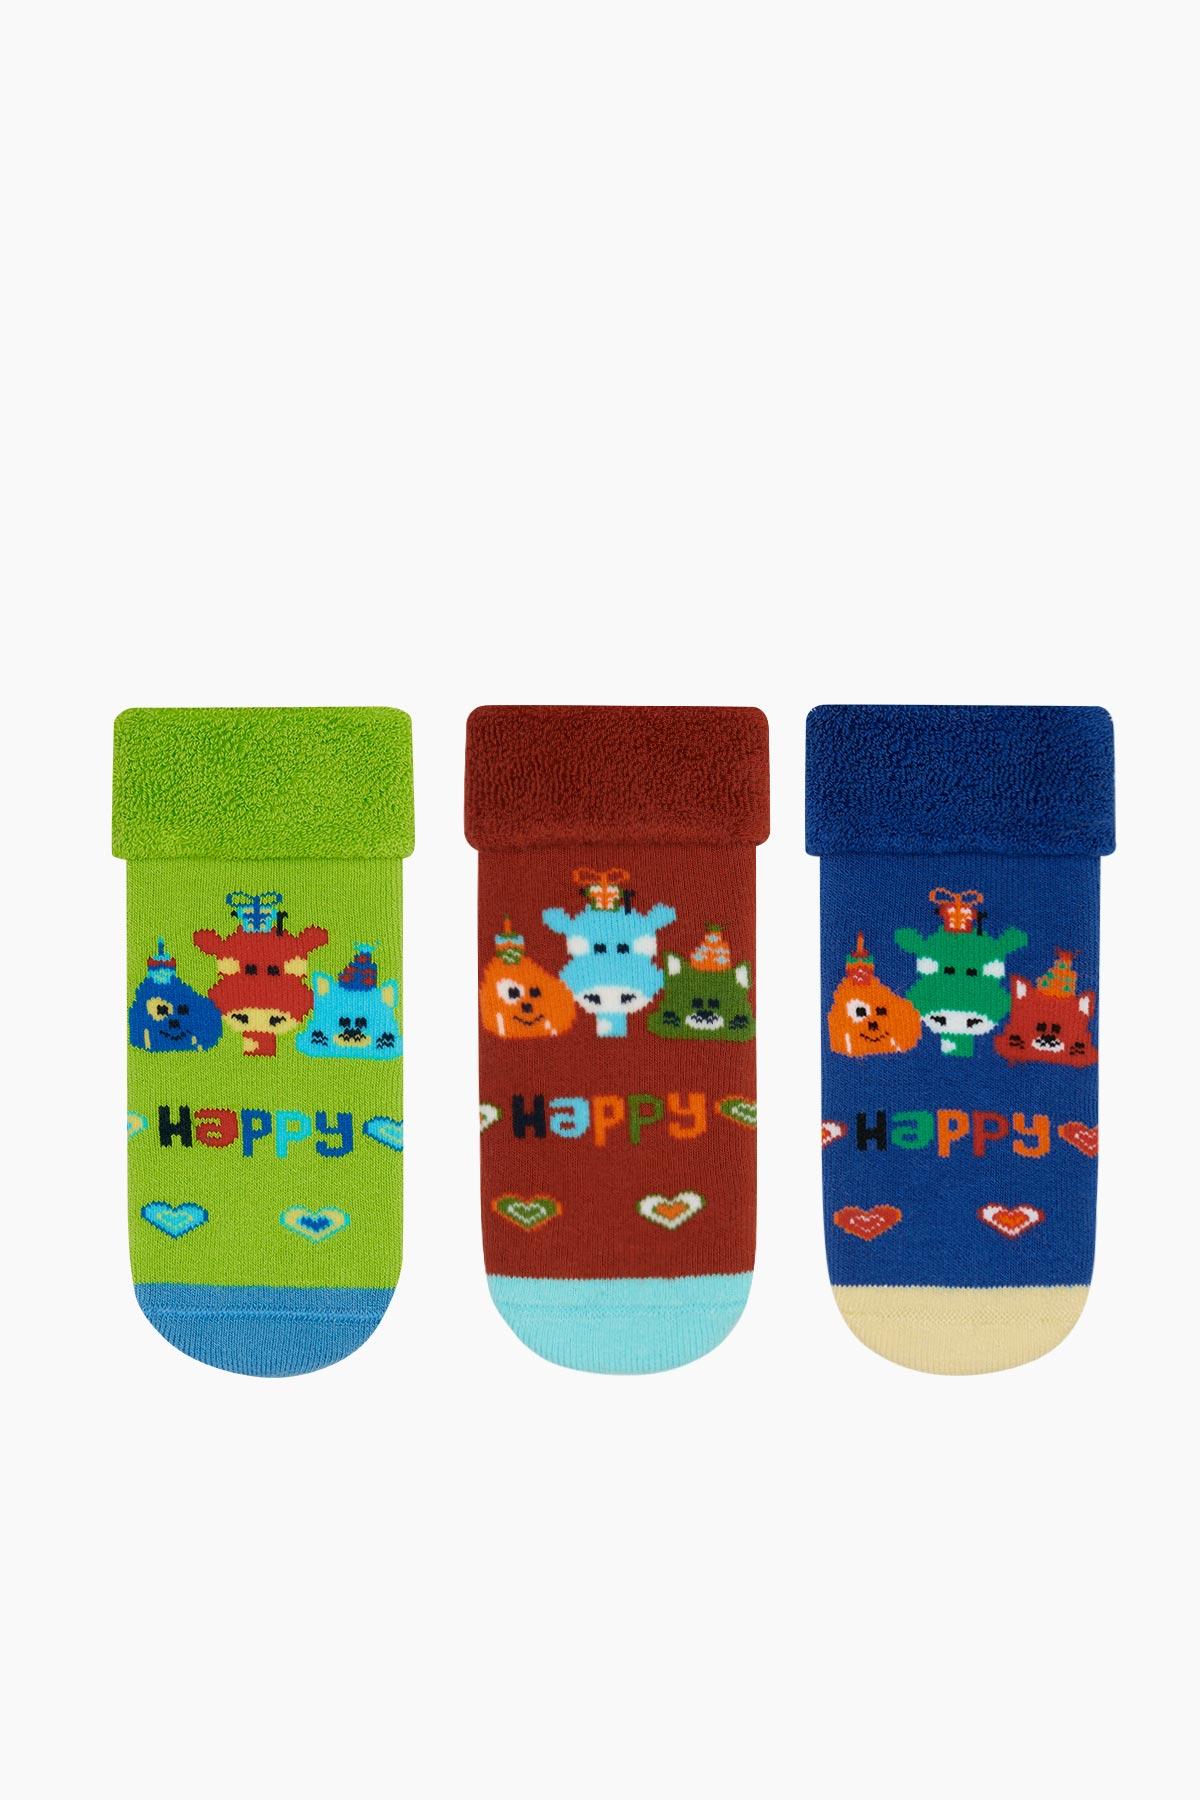 Bross - Bross 3er Pack Happy gemusterte Handtuch Baby Socken